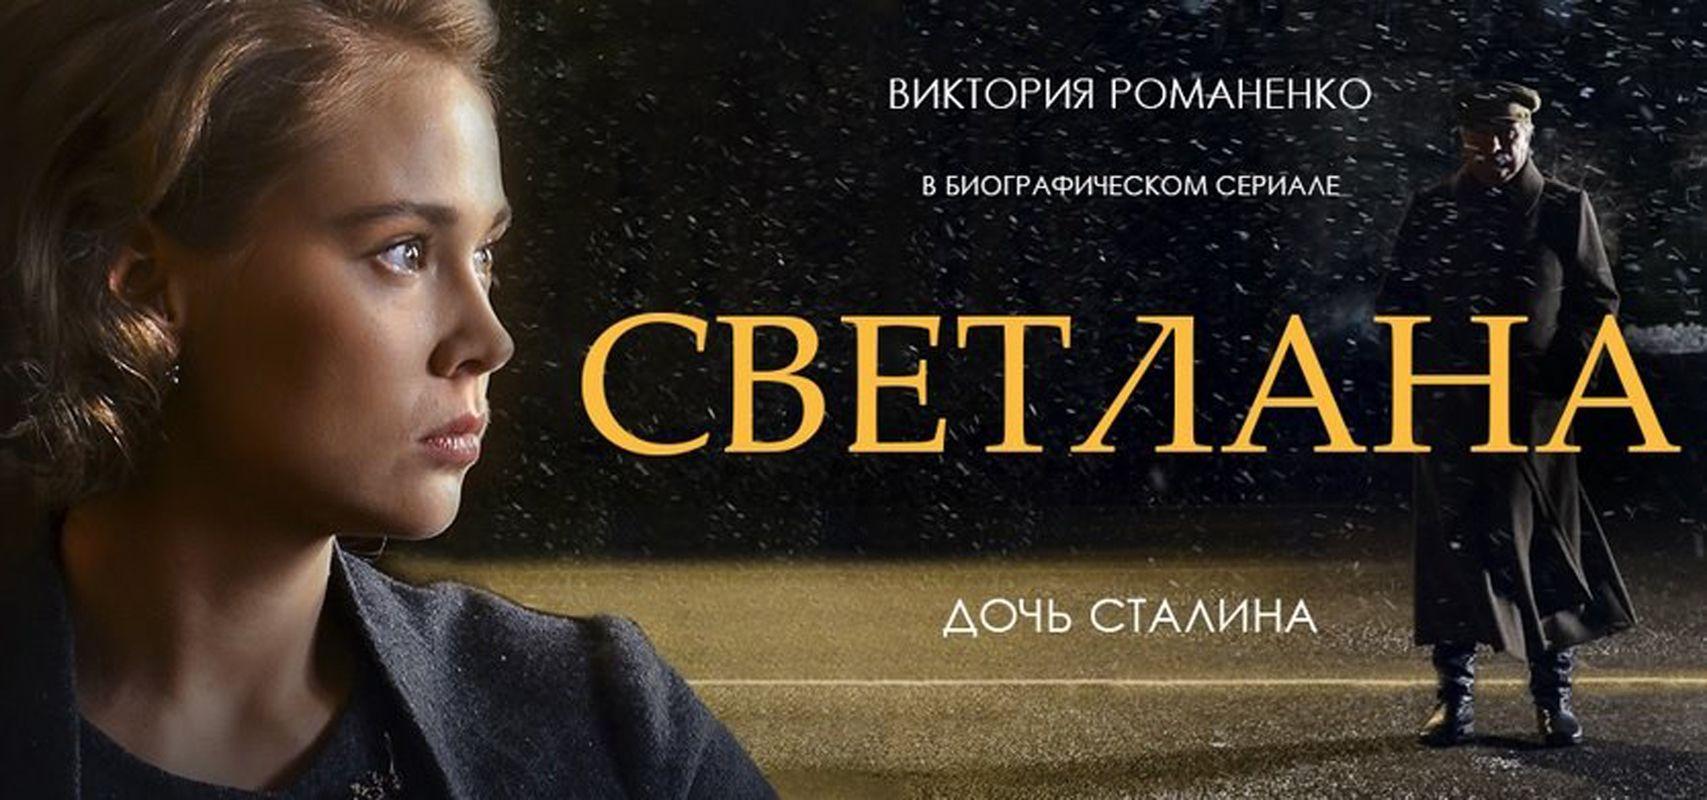 Светлана (Дочь Сталина) (8 серий) (2018)